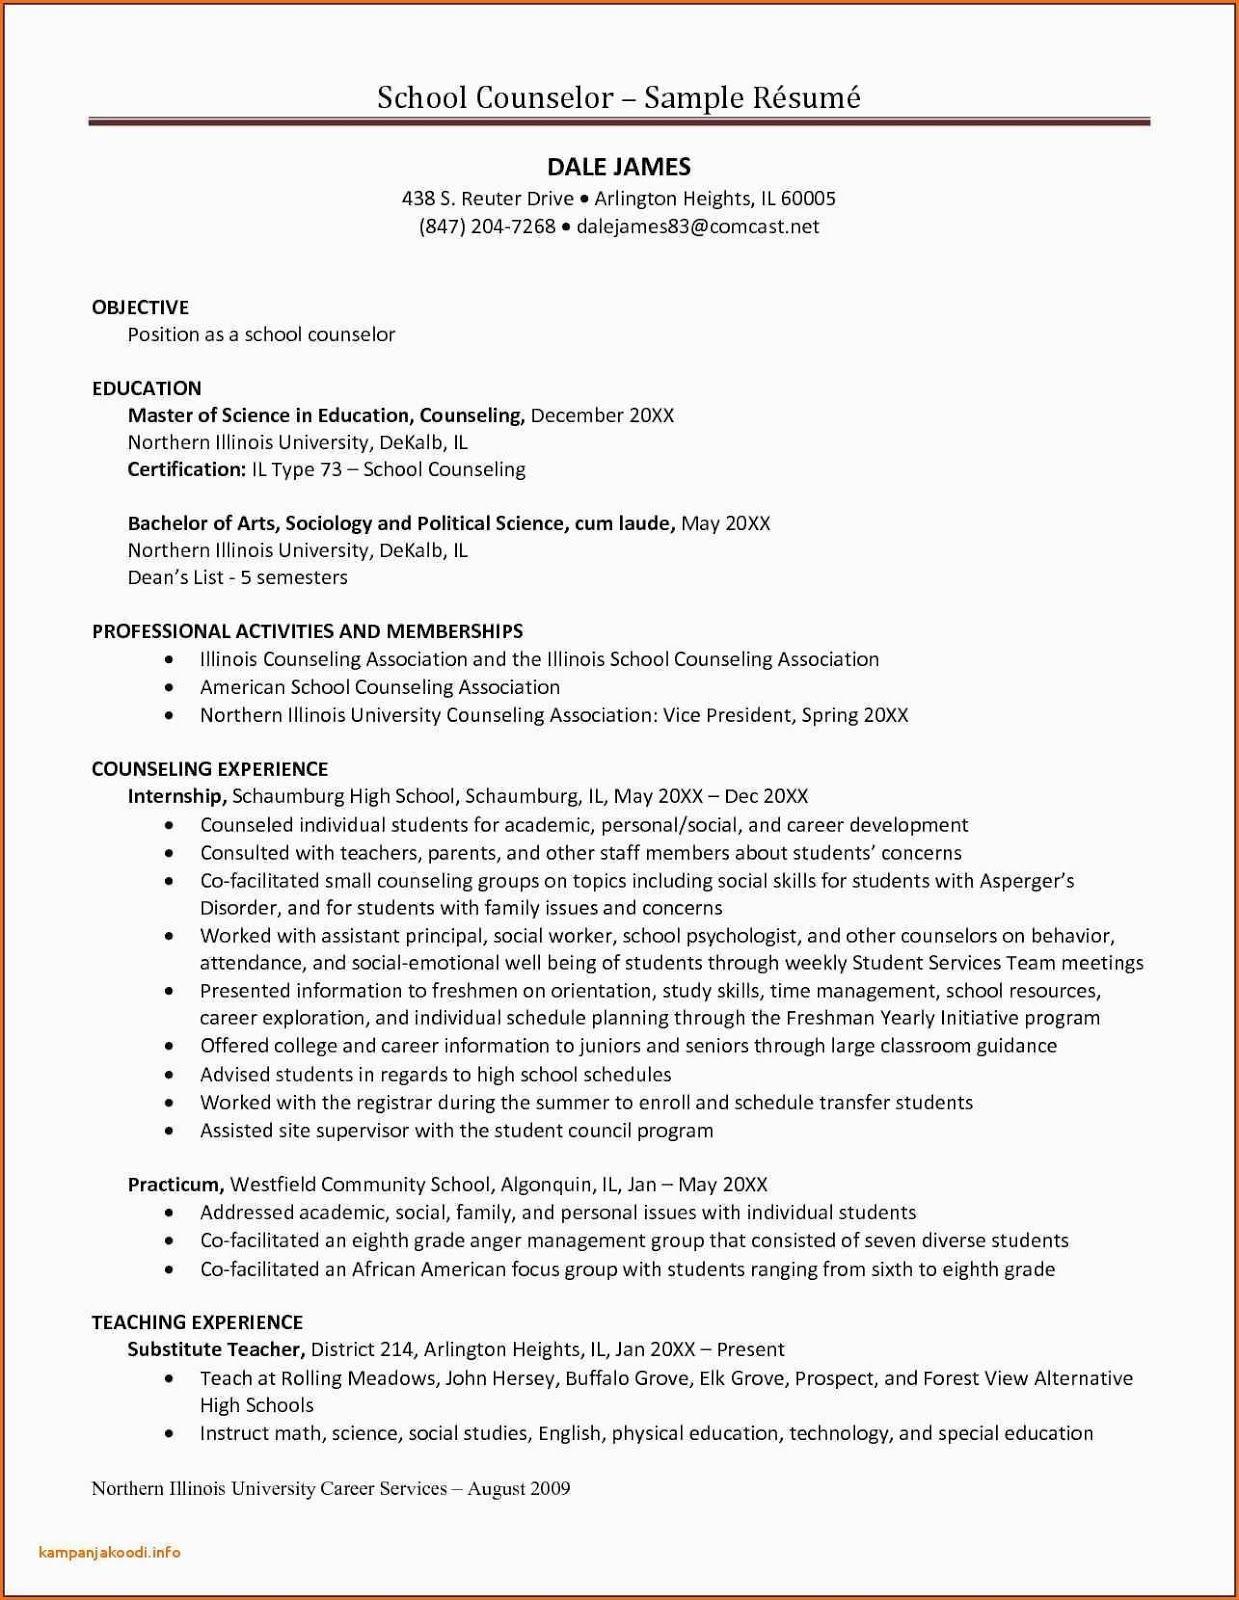 School Counselor Resume Sample School Counselor Resume Sample School Counselor Cv Sample School Guidance Counselor School Counselor Counselor Job Description